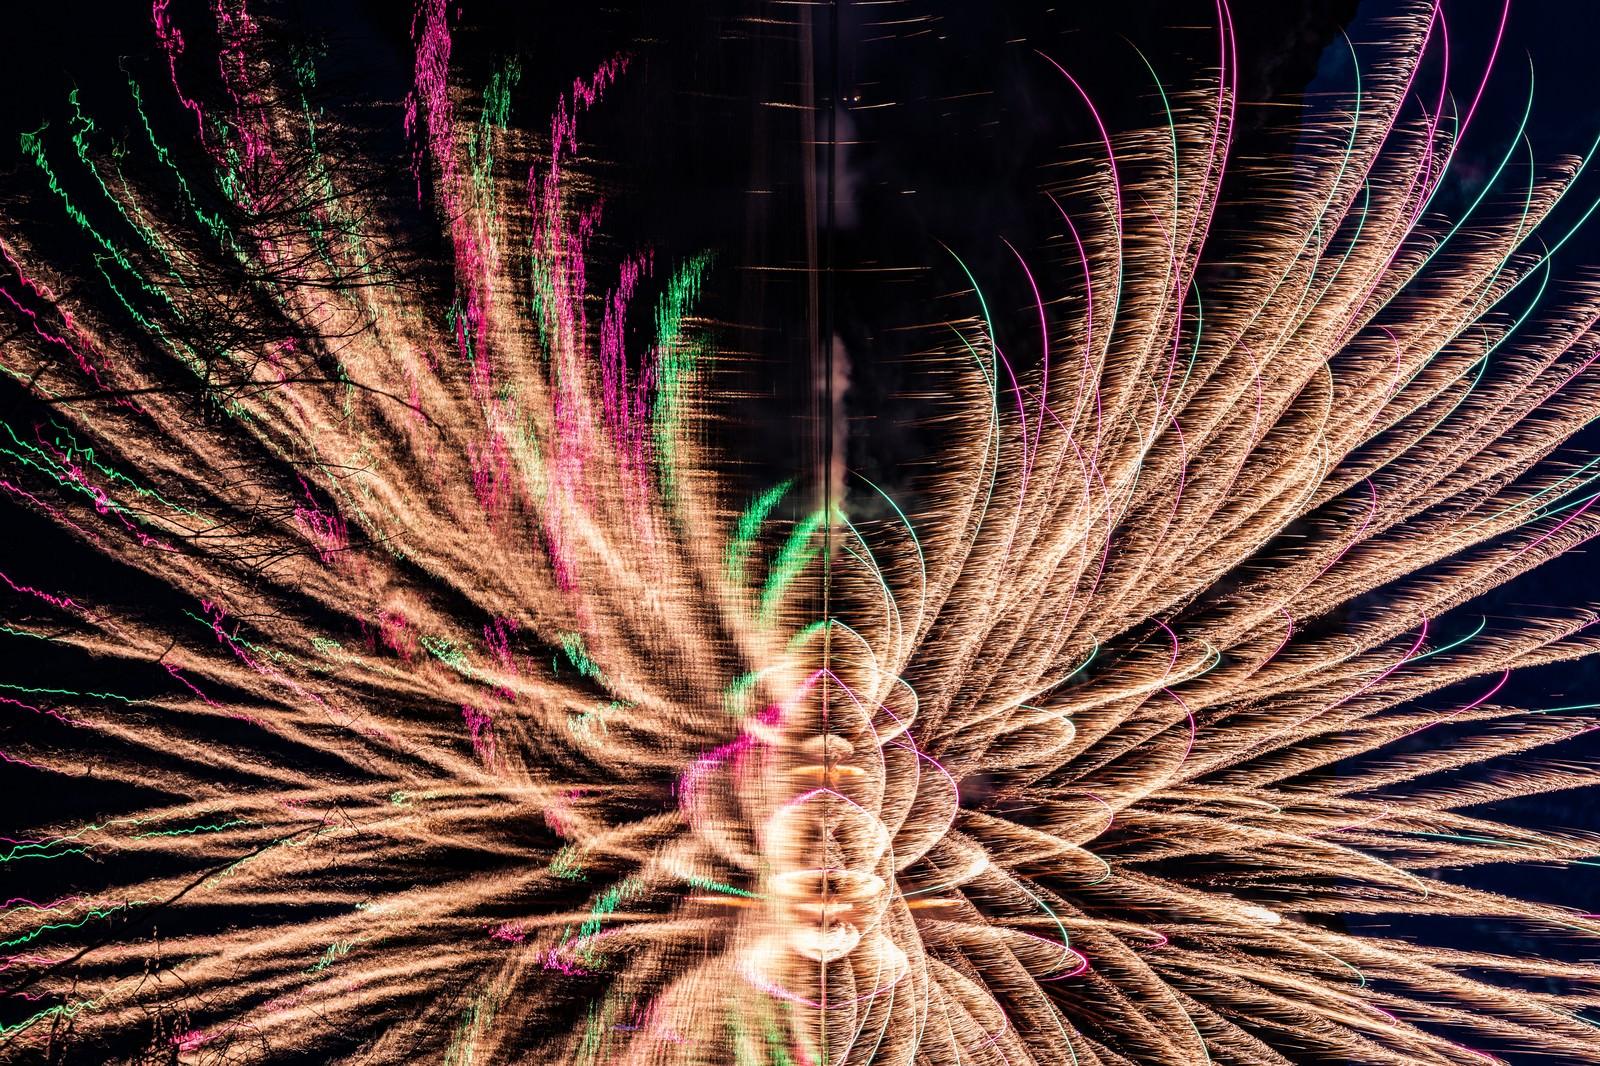 「湖面に映る花火を横から見た光跡(錦秋湖湖水まつり)」の写真